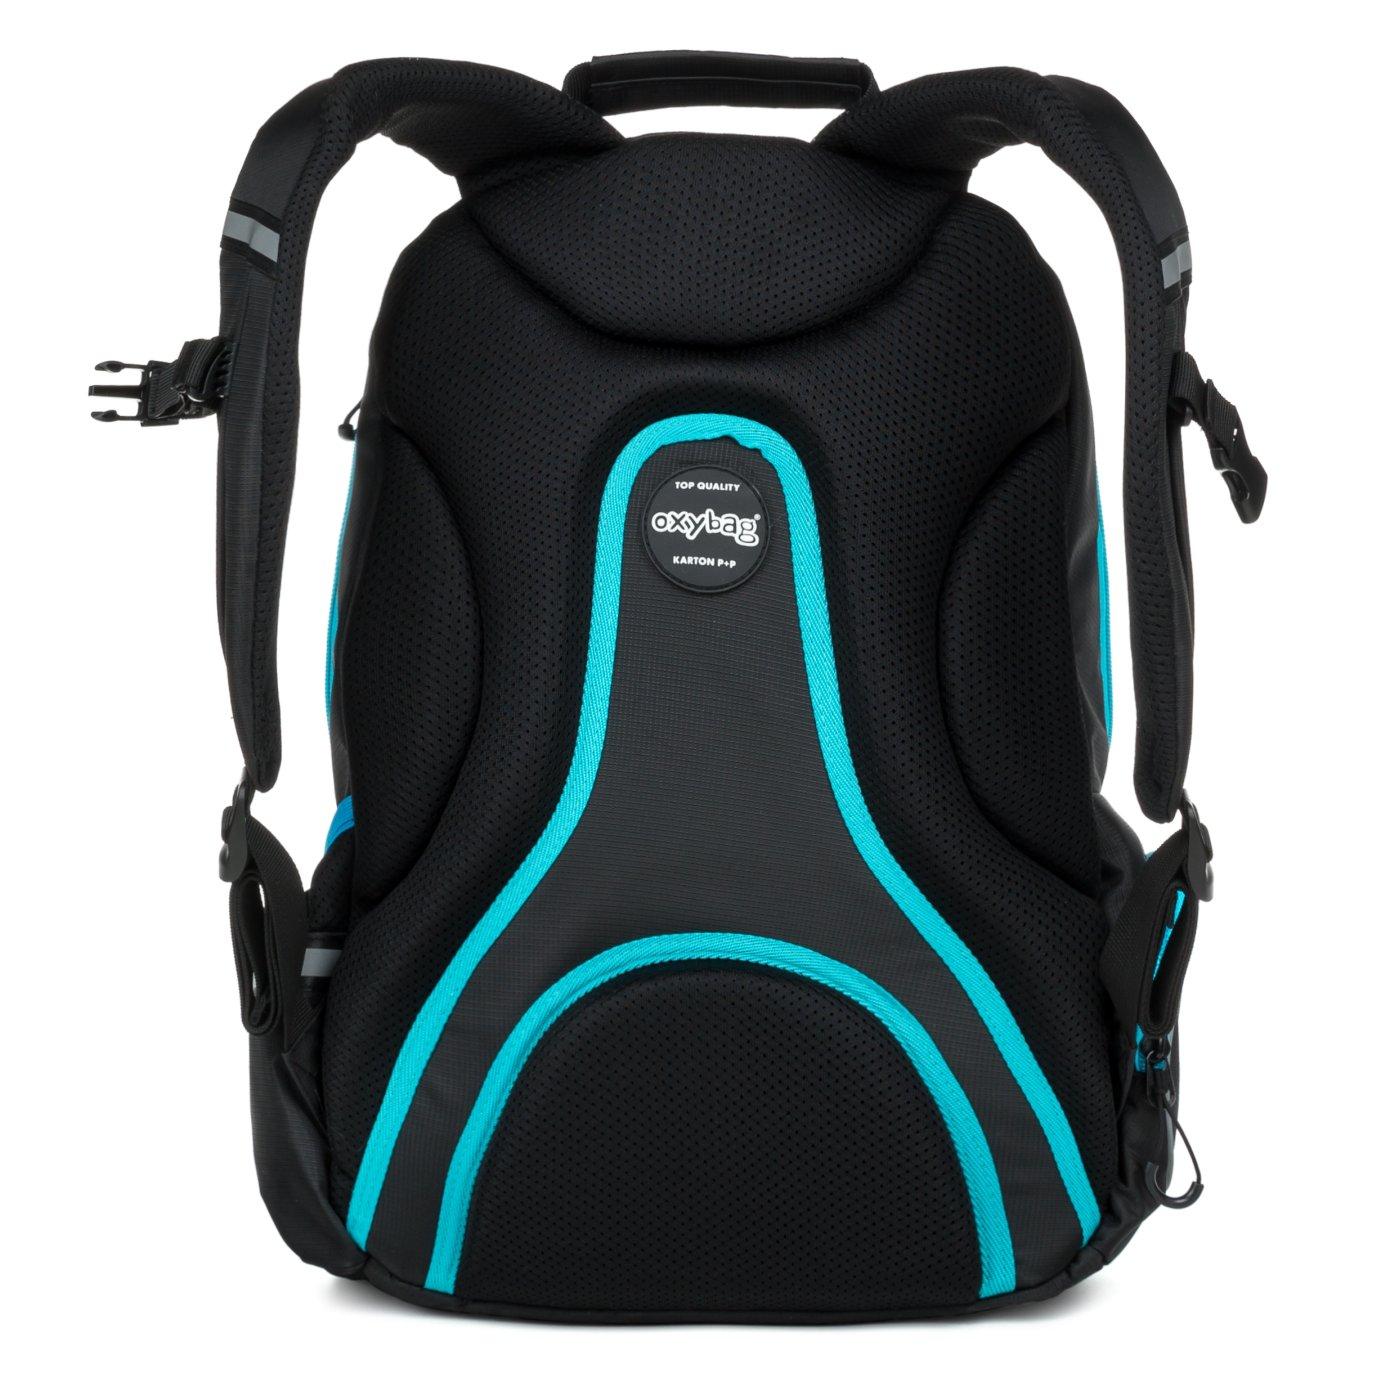 00a9fa9d58 ... Studentský batoh OXY Sport BLACK LINE blue Bez licence · Image. OXY